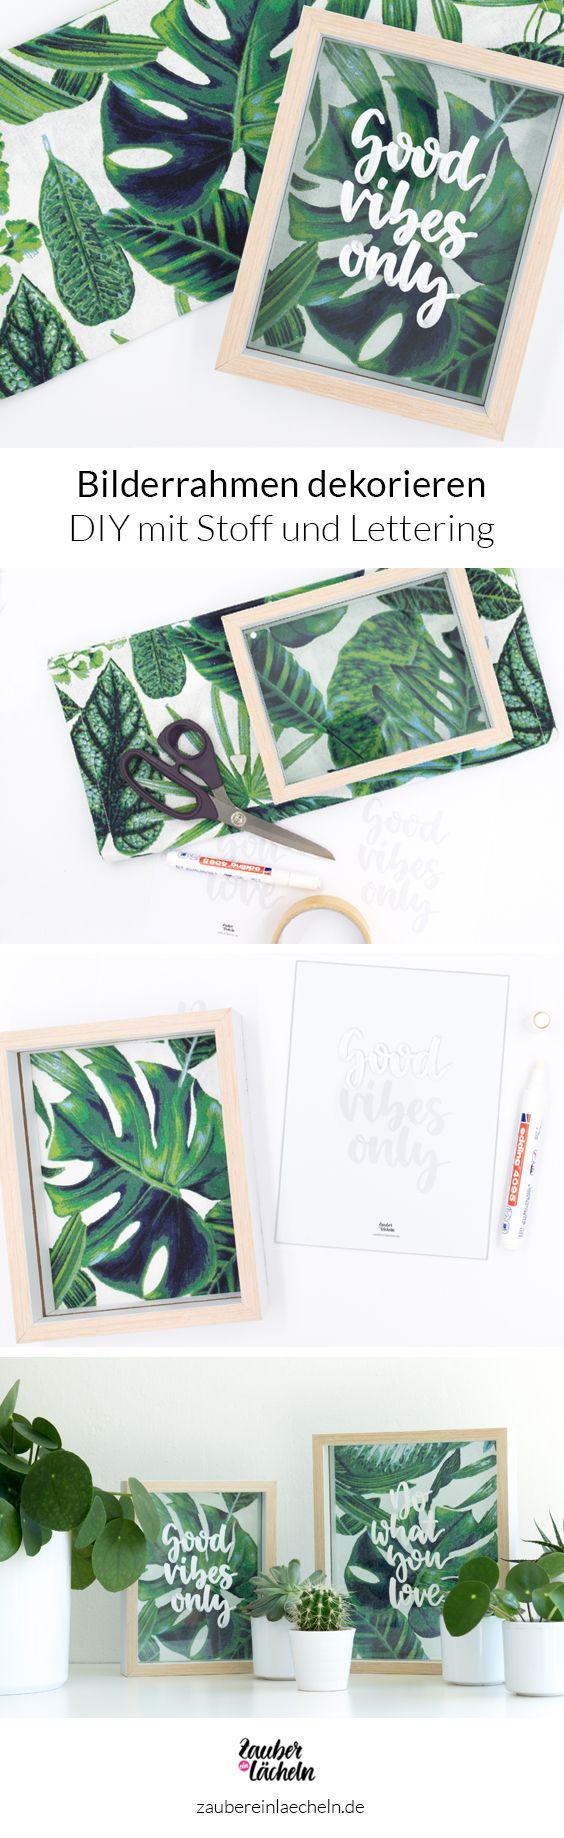 43 besten Pictures Frame DIY Bilder auf Pinterest | Diy foto, Rahmen ...